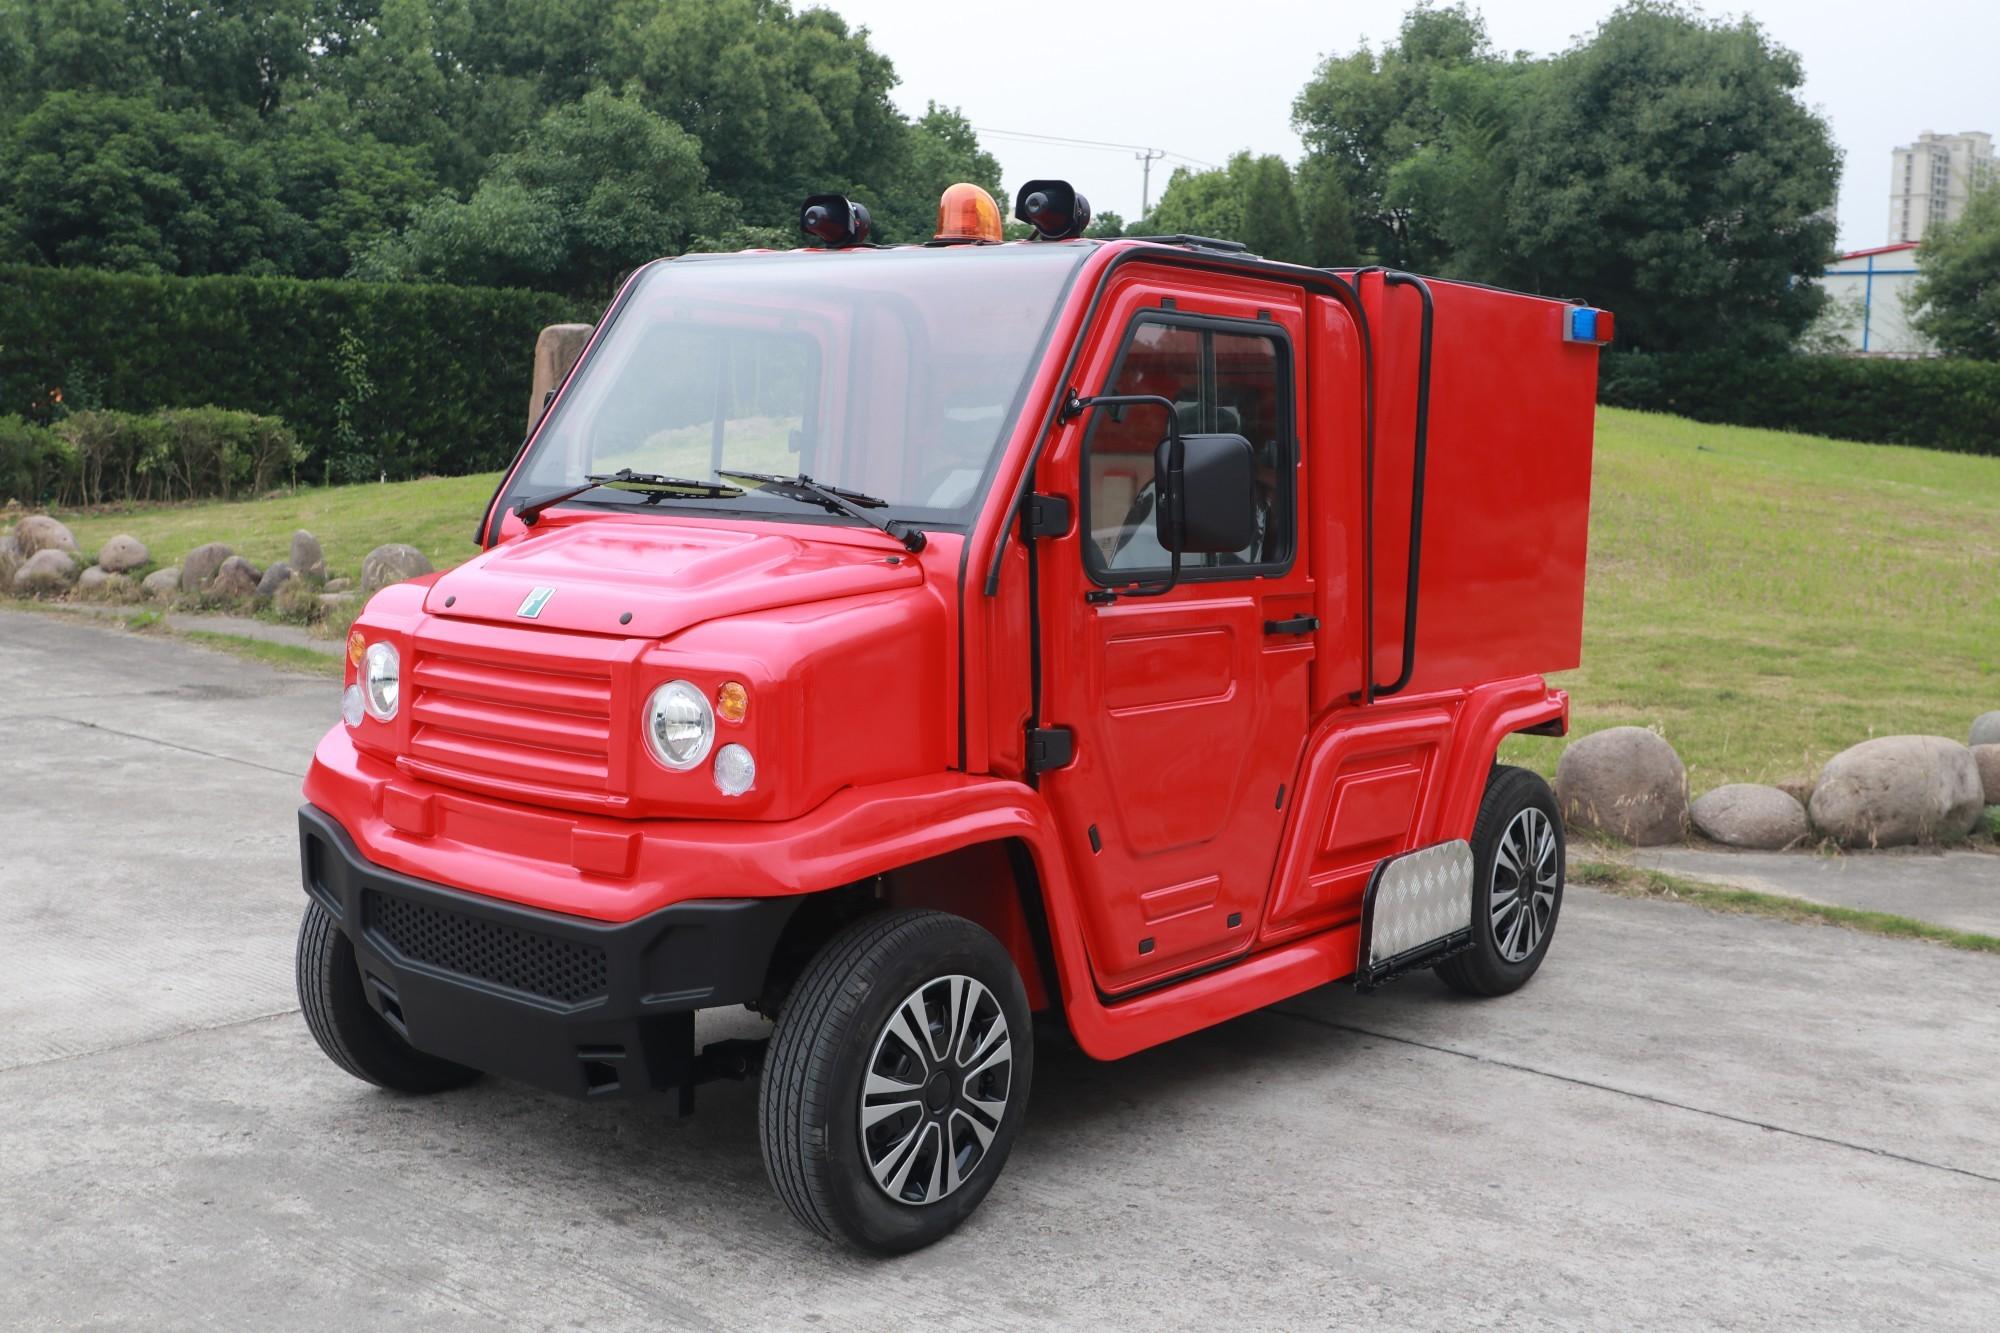 电动消防车动静态视频